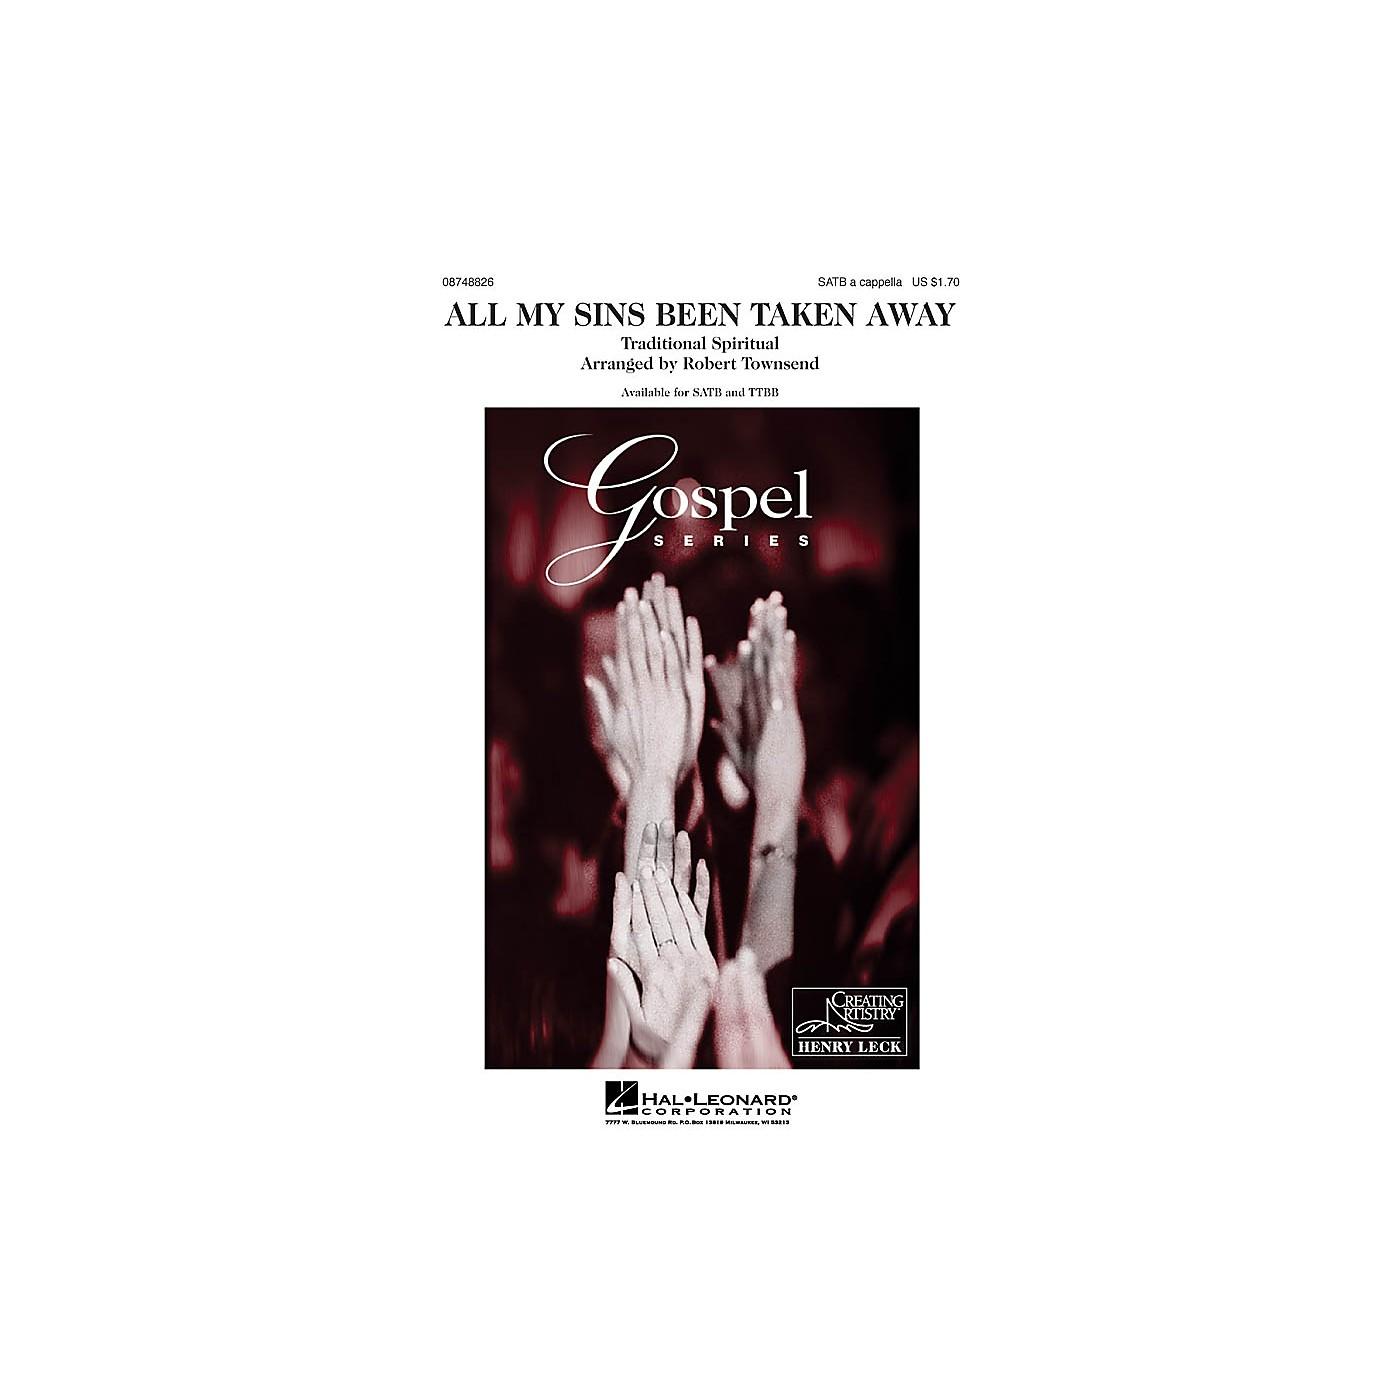 Hal Leonard All My Sins Been Taken Away TTBB A Cappella Arranged by Robert Townsend thumbnail